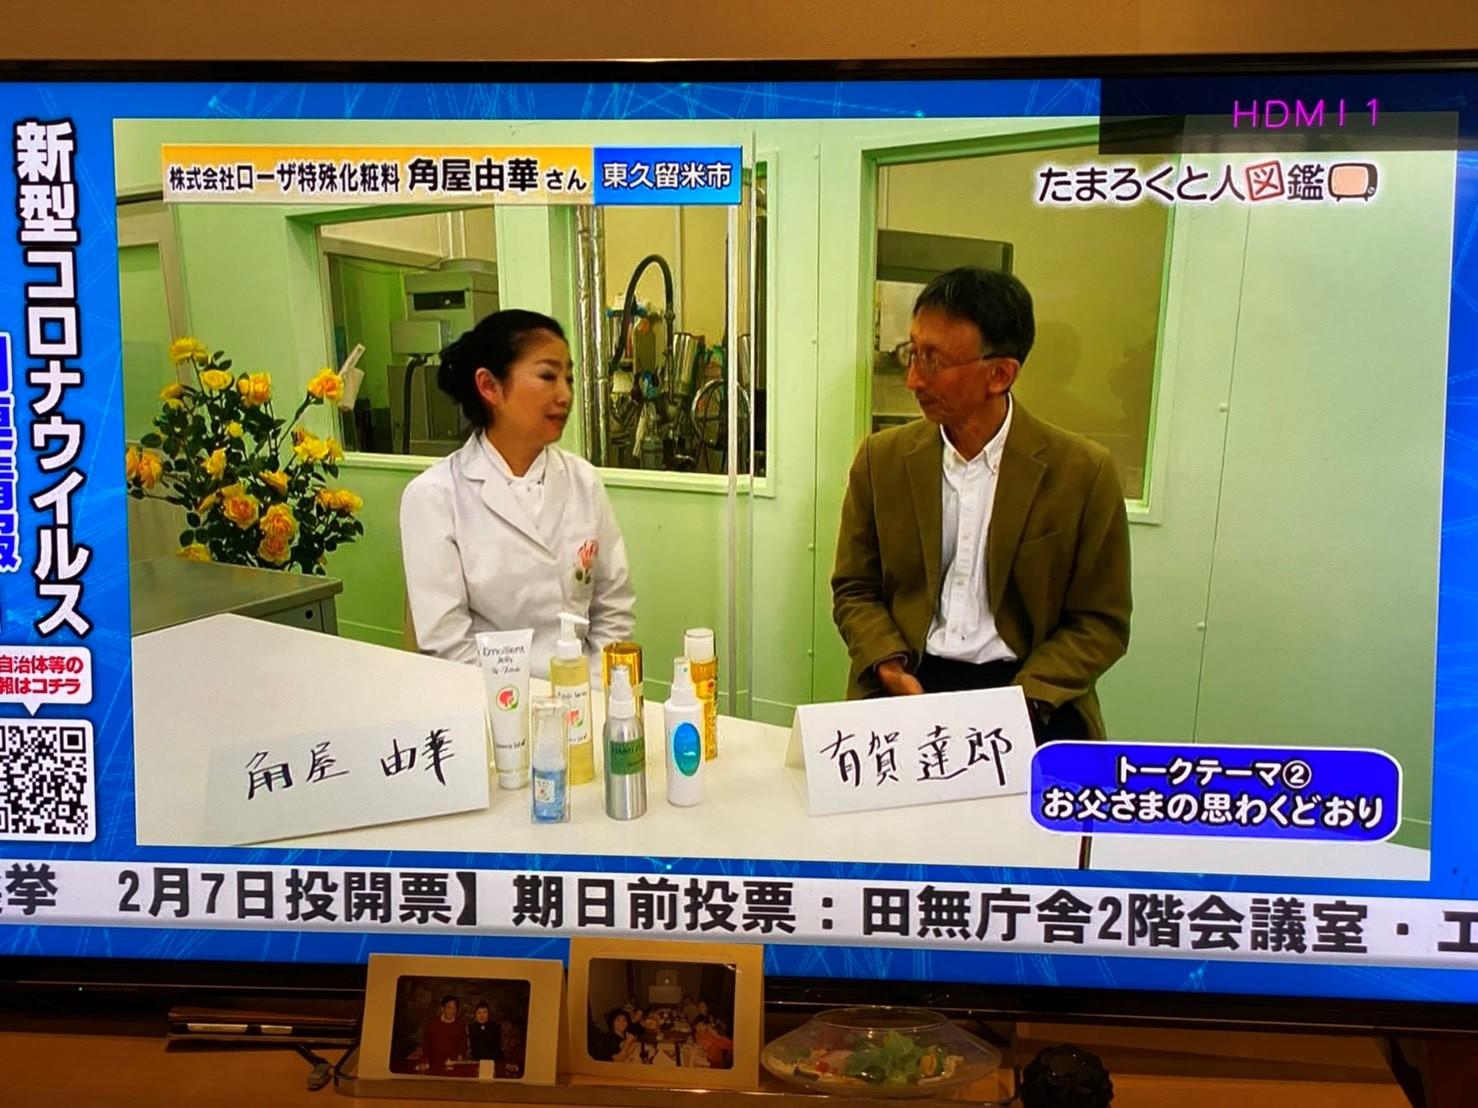 テレビ放映中